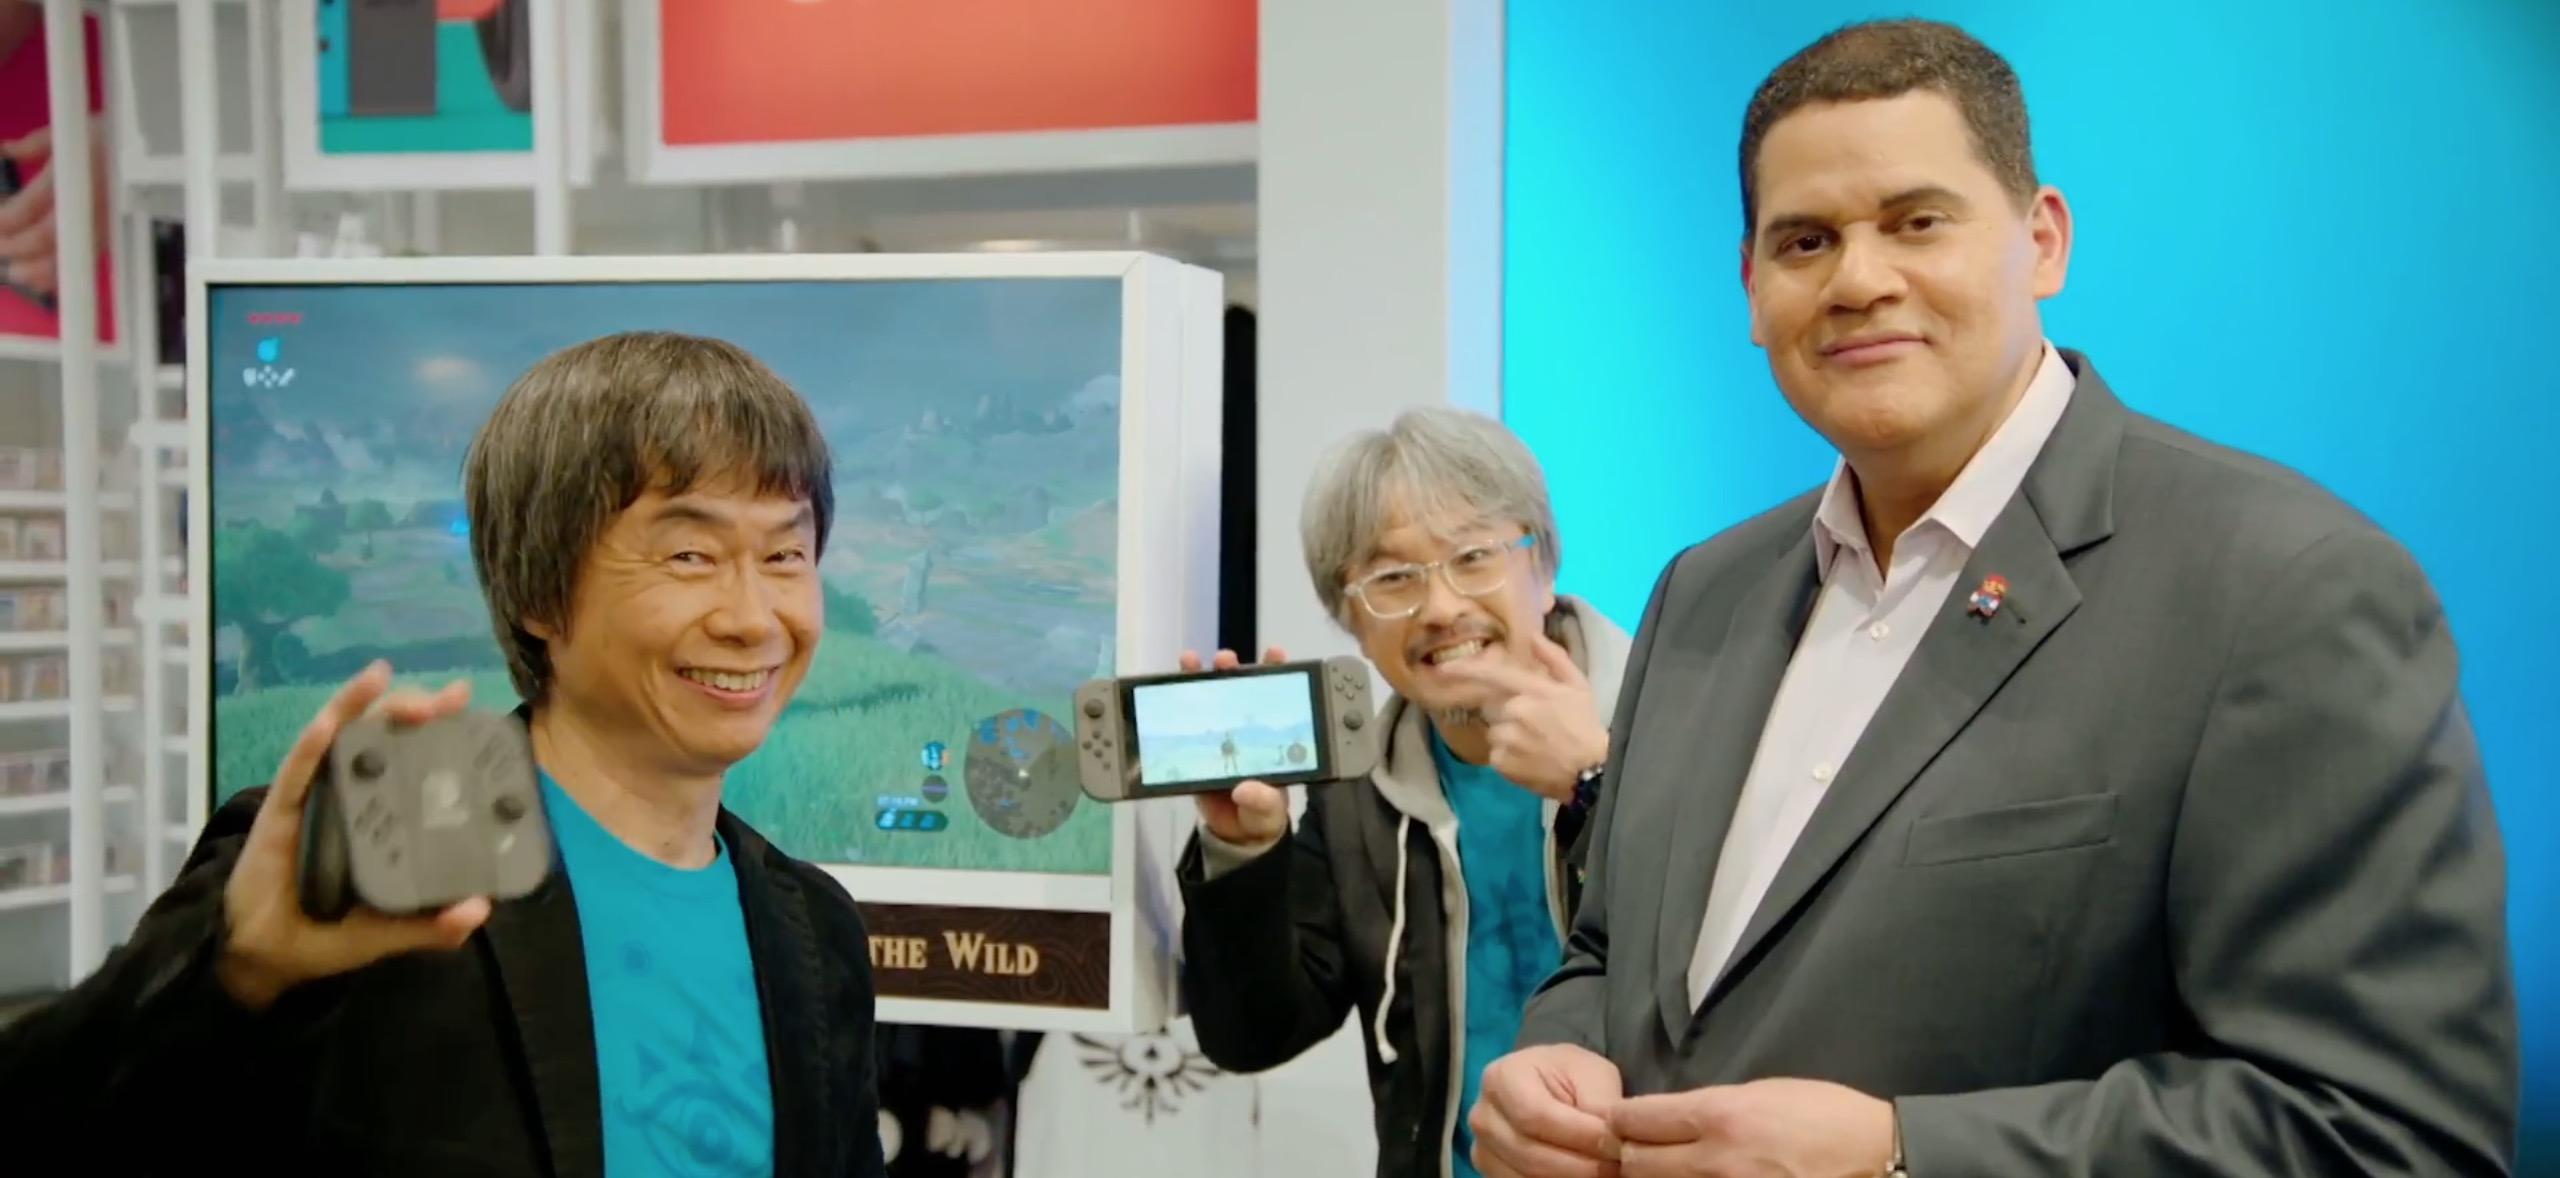 Chcesz nadrobić konferencję Nintendo Switch do porannej kawy? Tu możesz to zrobić